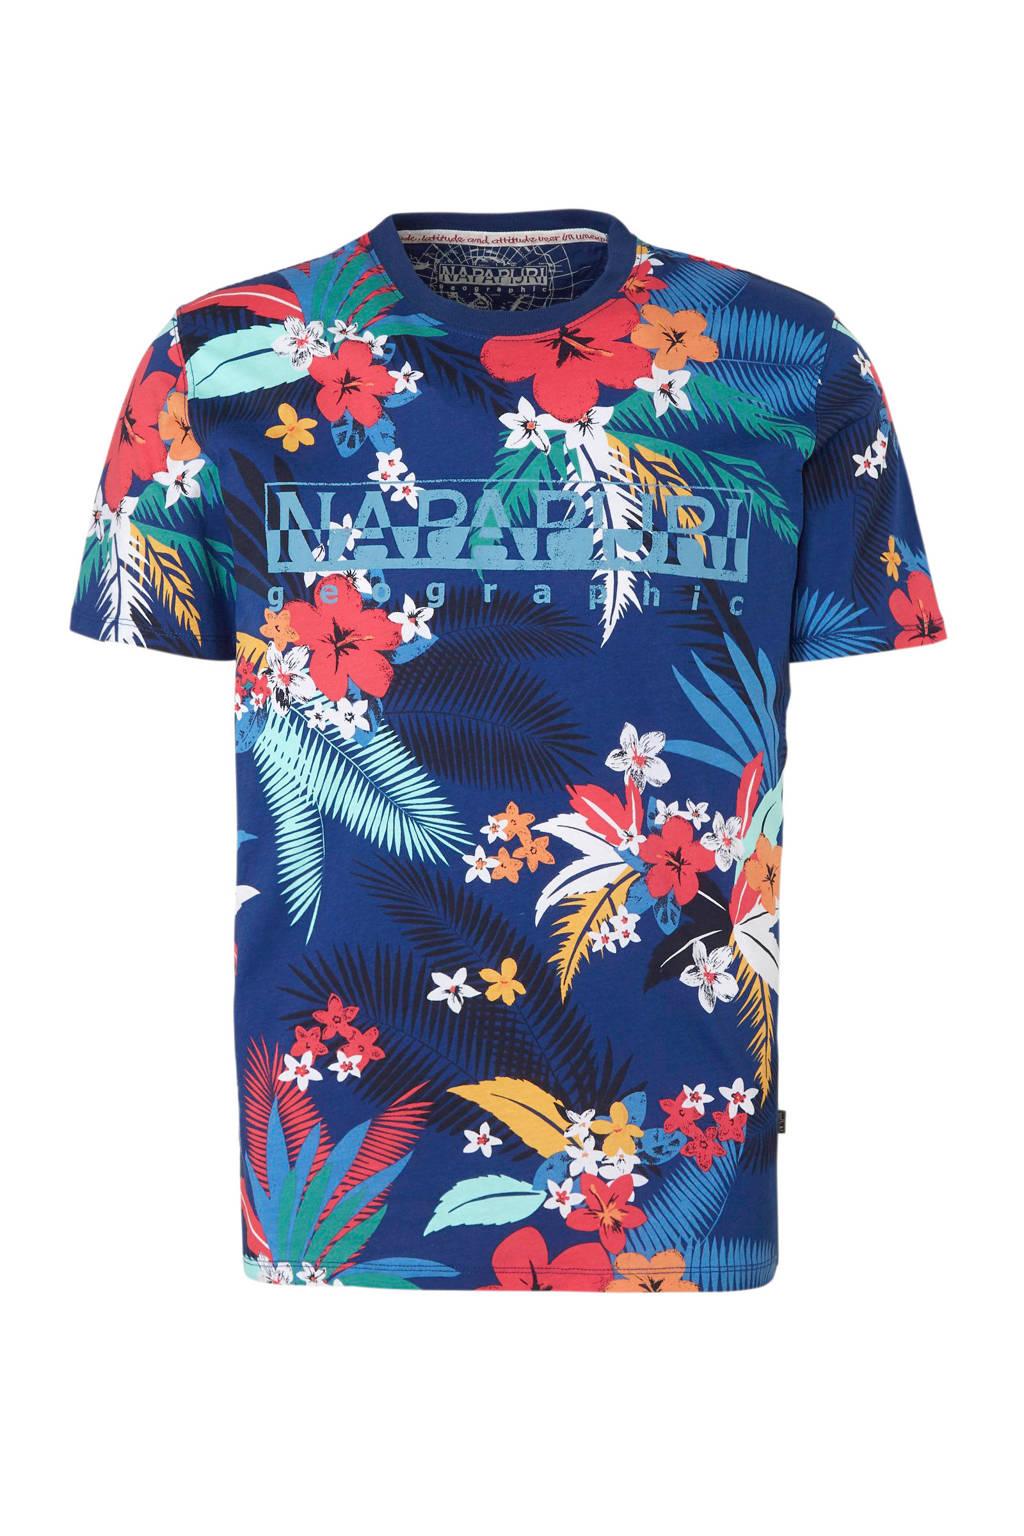 Napapijri T-shirt met bloemenprint, Blauw/multikleuren